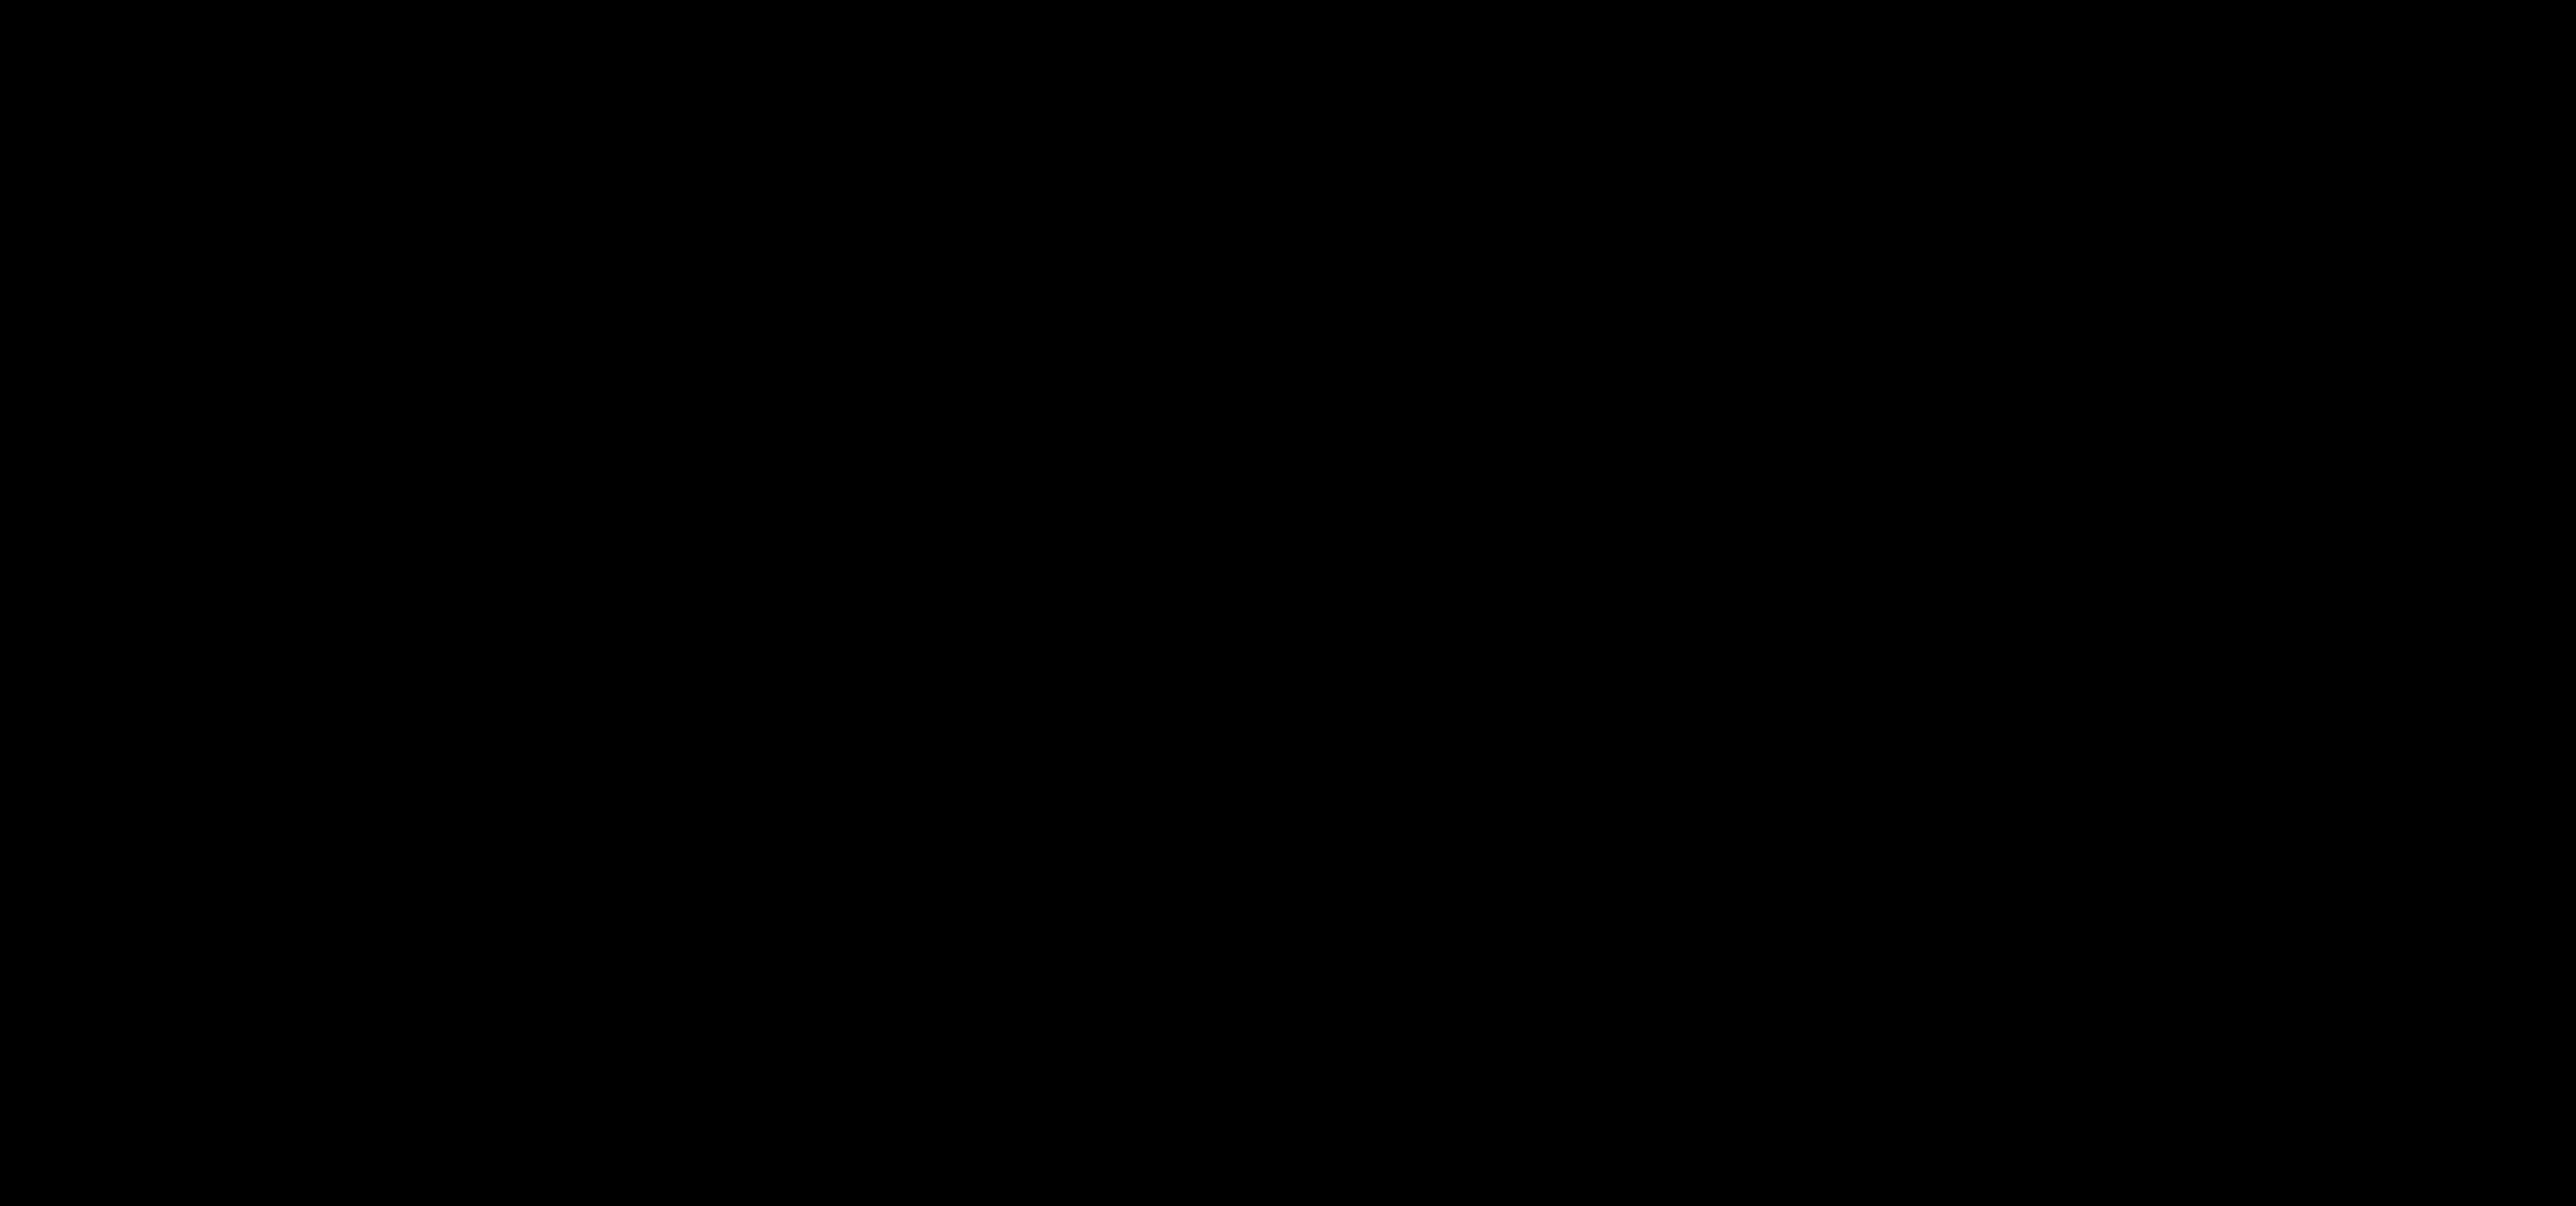 Logo Pivot